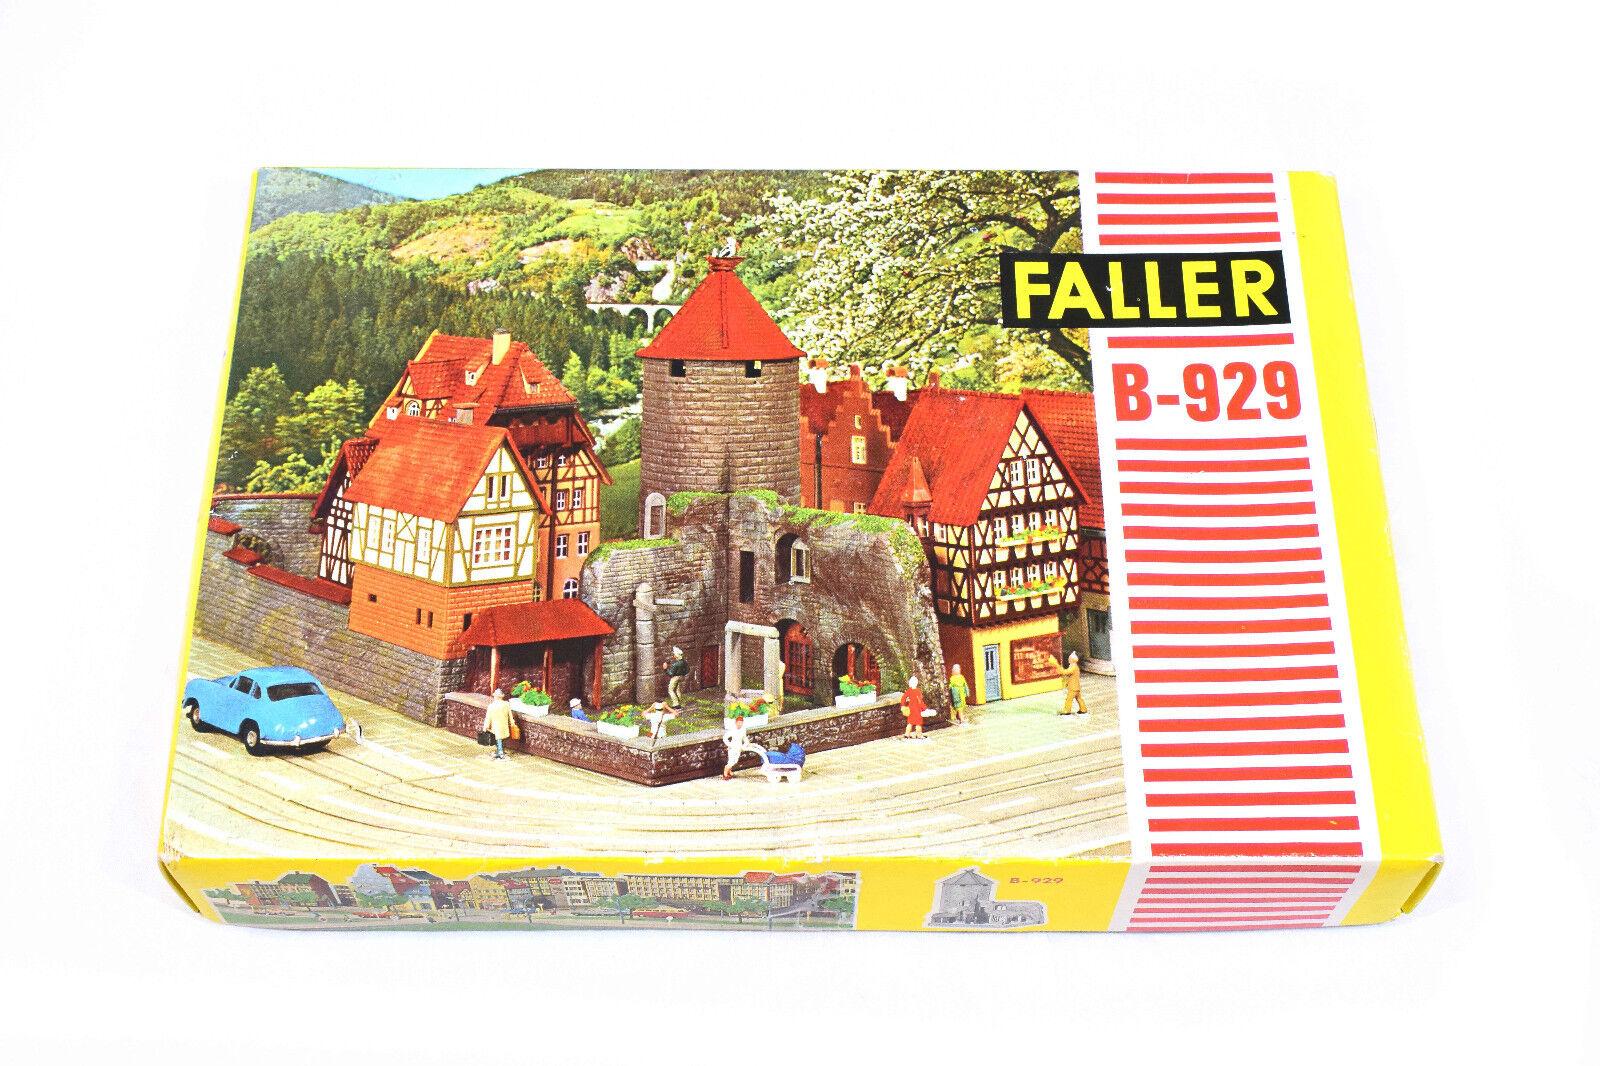 in vendita online Traccia h0 h0 h0 Ftuttier b-929 KIT età torre città  conveniente